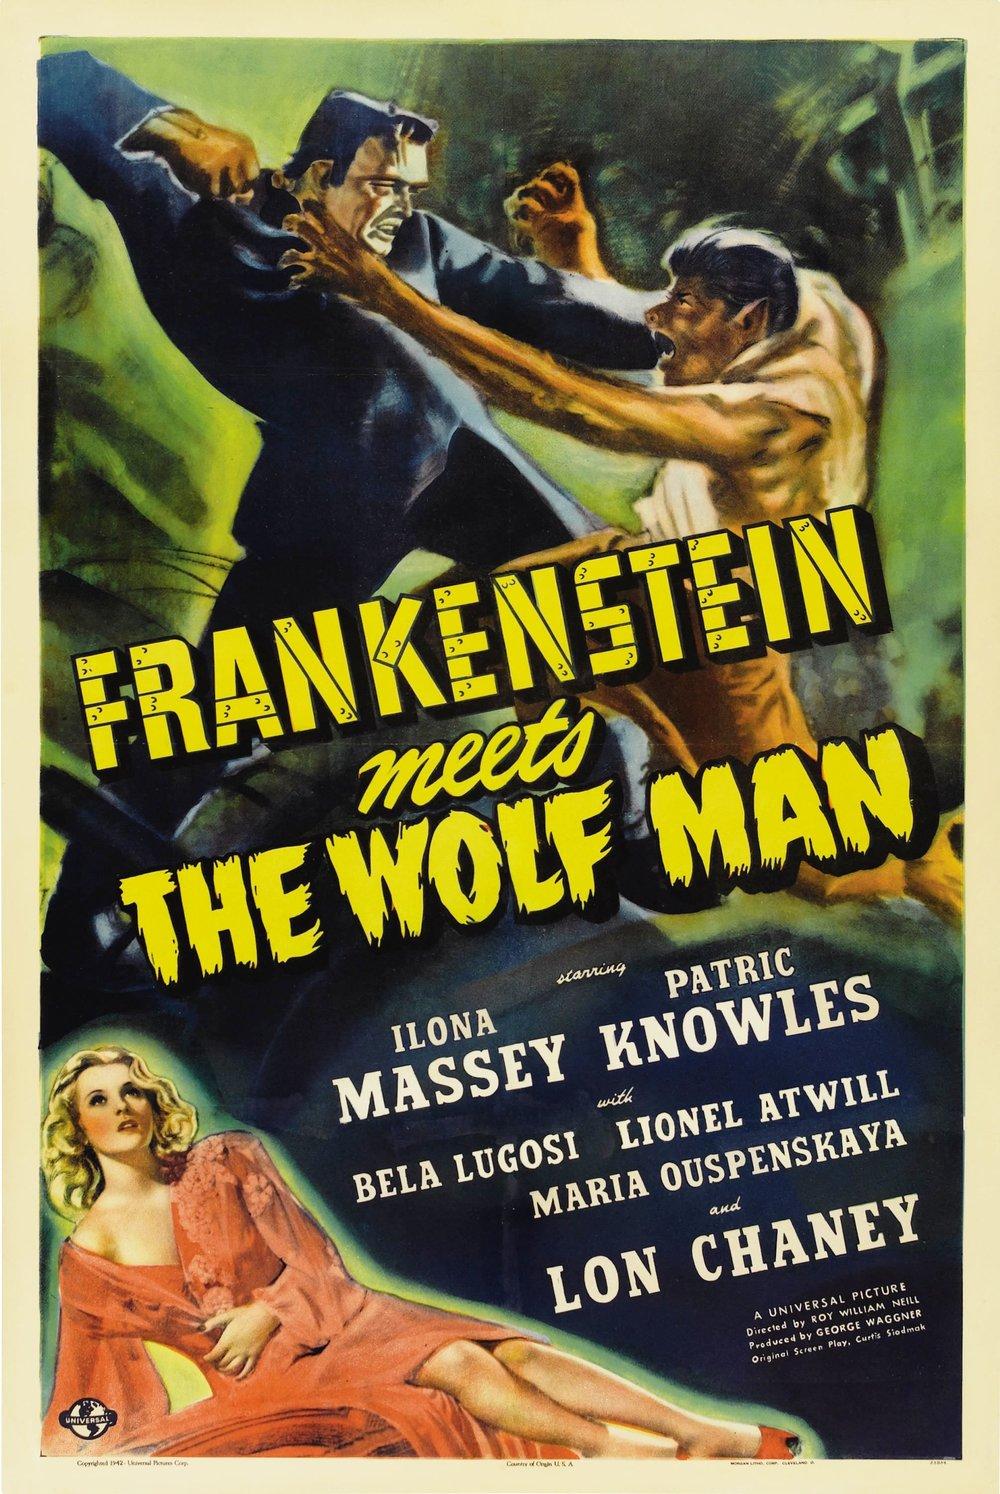 frankenstein_meets_wolf_man_poster_01.jpg